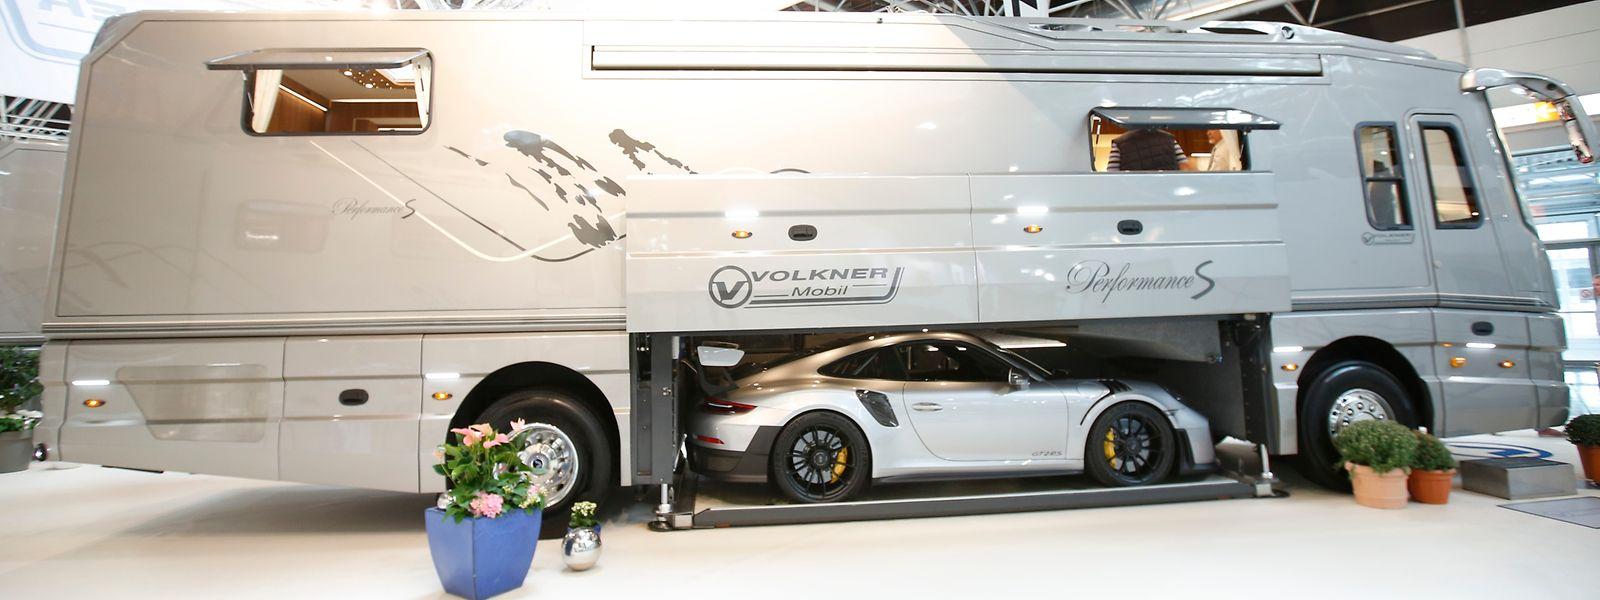 Luxus-Reisemobil mit Mittelgarage für den Sportwagen: der knapp eine Million Euro teure Performance S von Volkner.